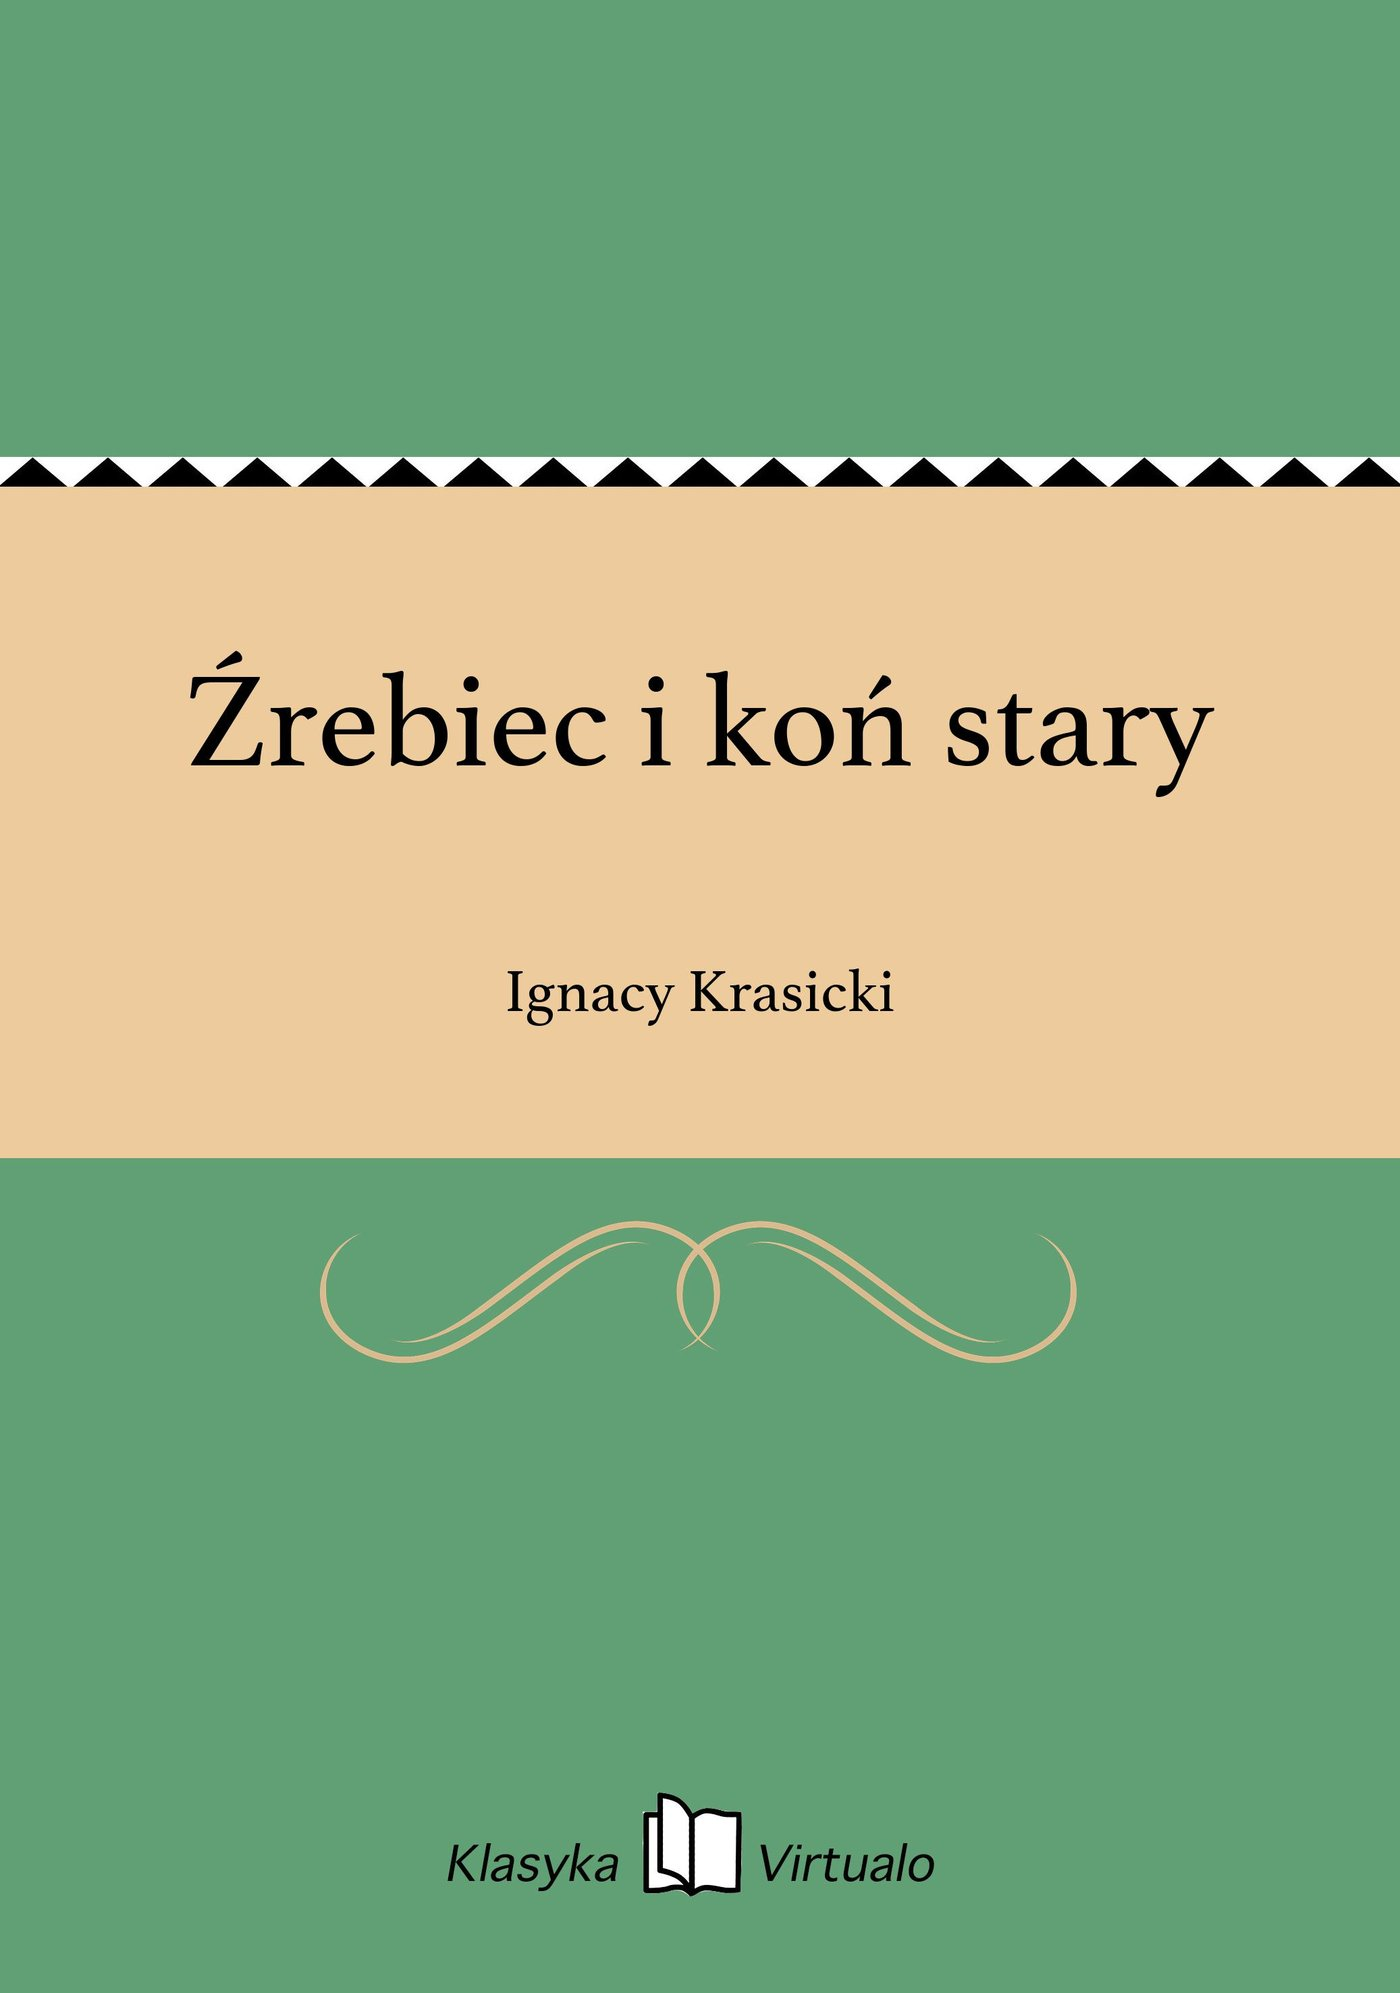 Źrebiec i koń stary - Ebook (Książka EPUB) do pobrania w formacie EPUB